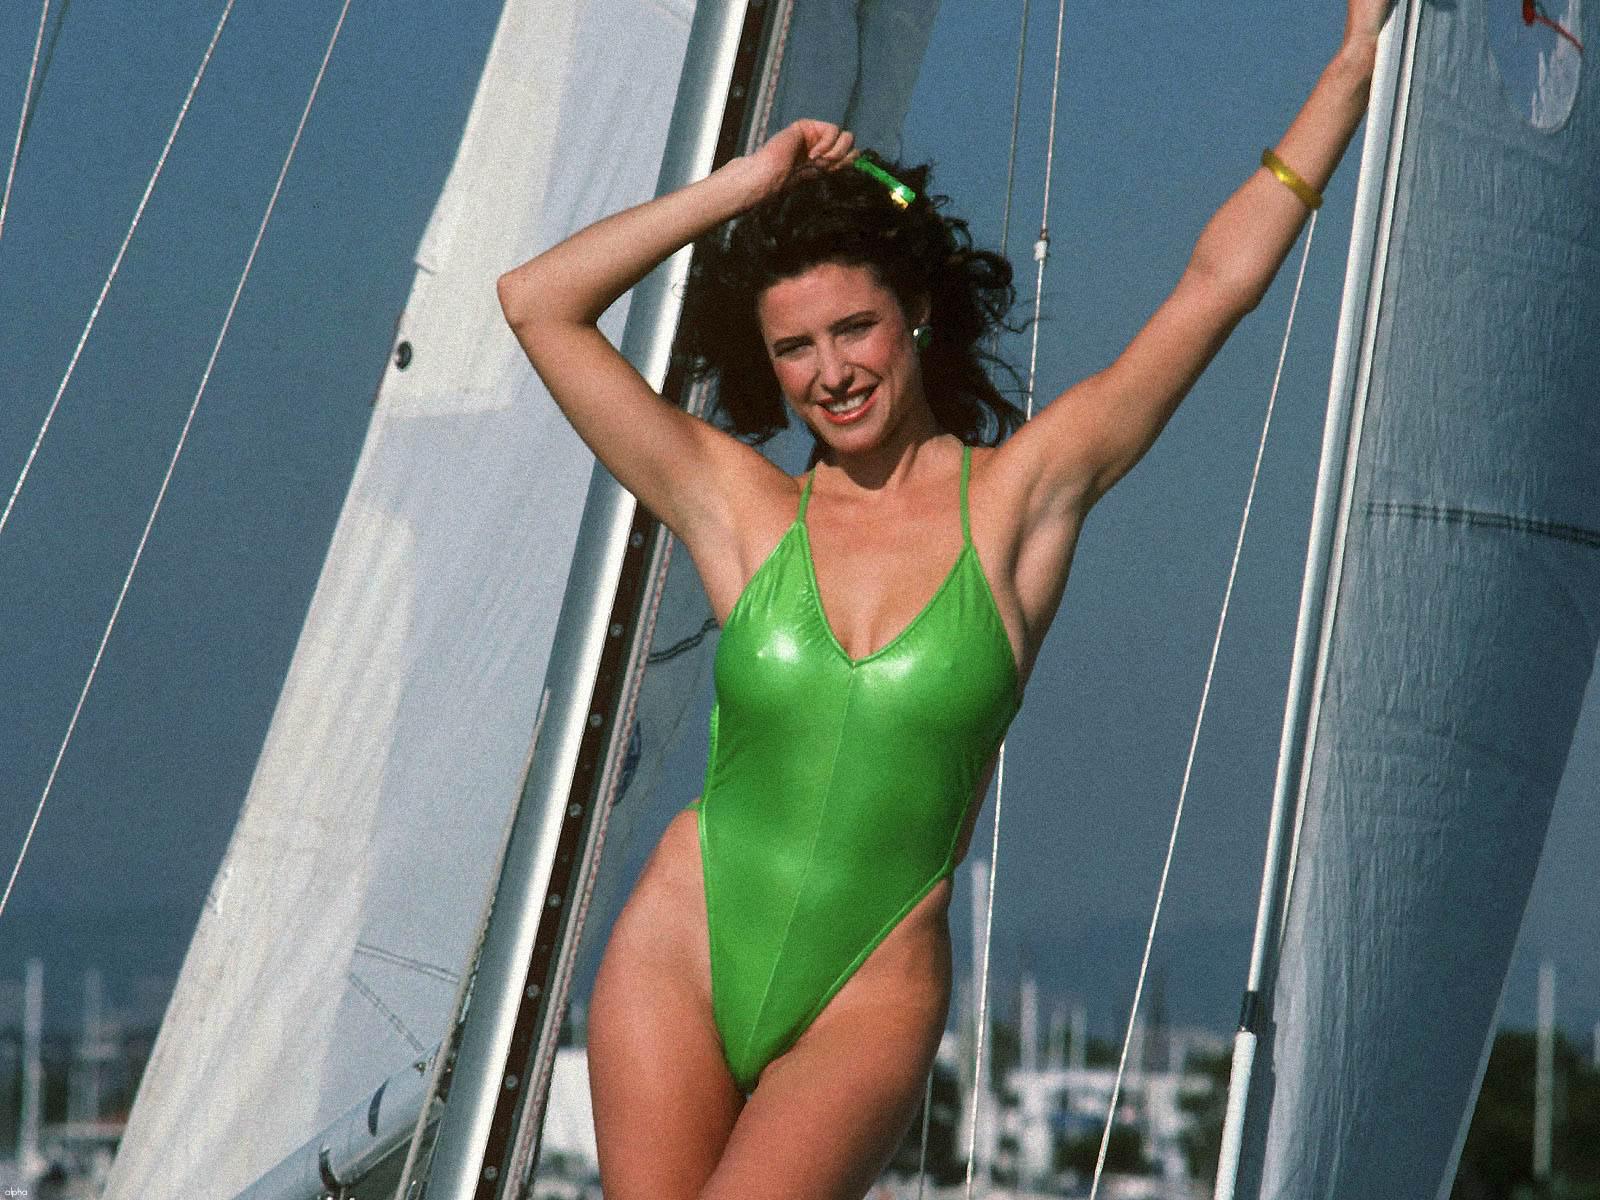 Mimi rogers bikini pics